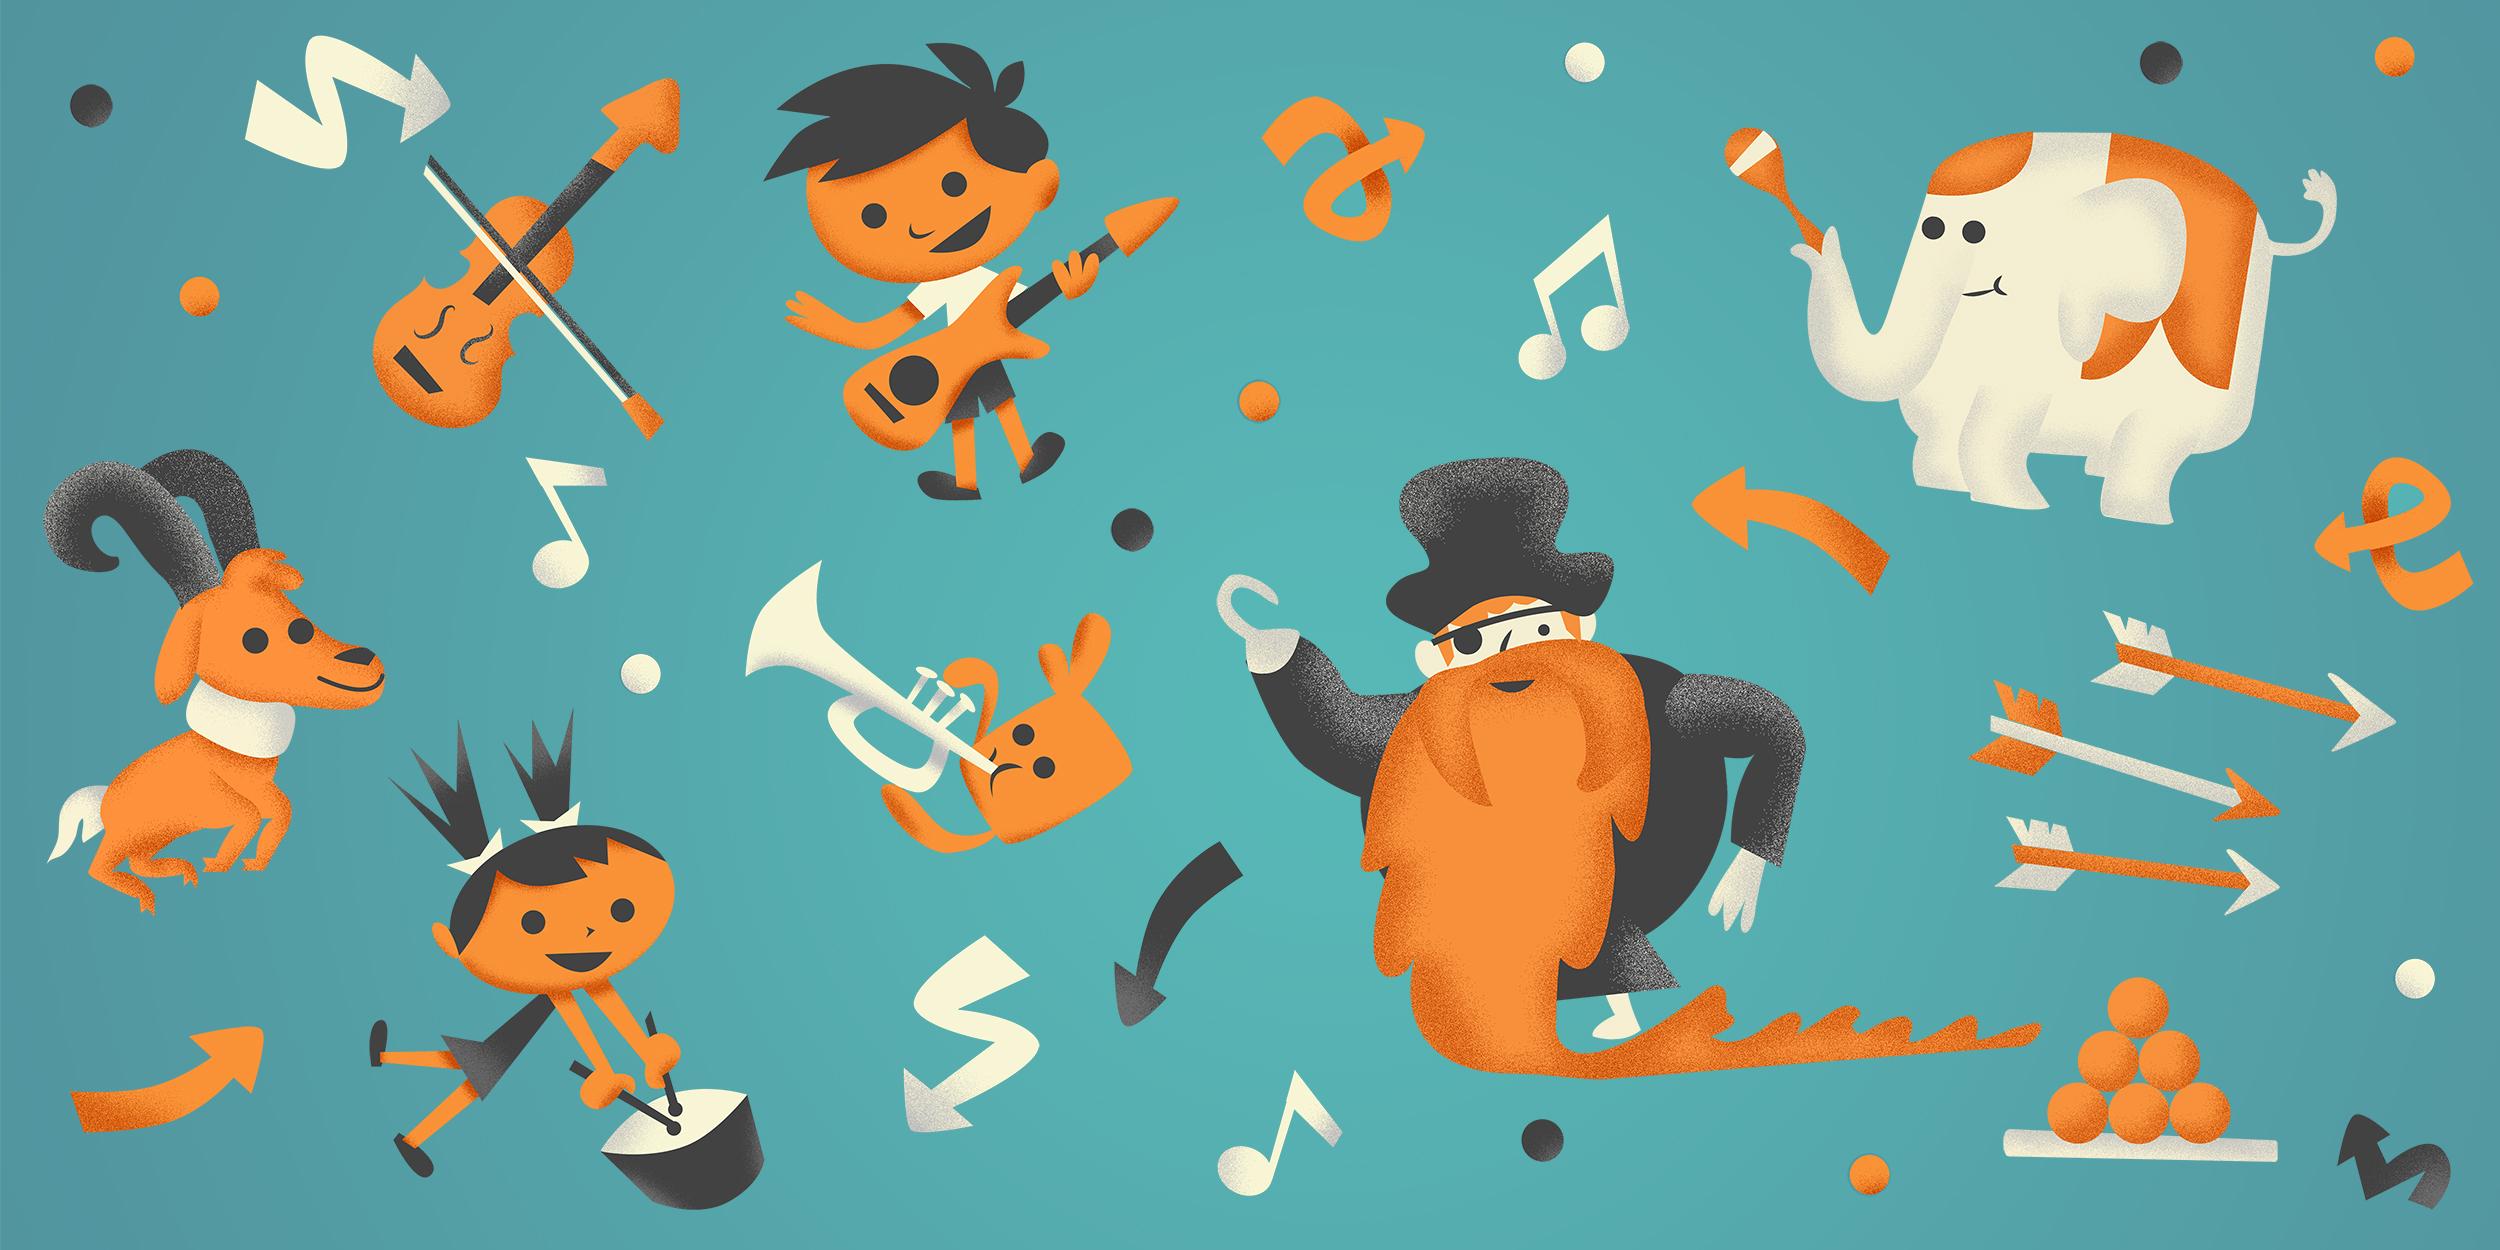 banner_music_imahe.jpg